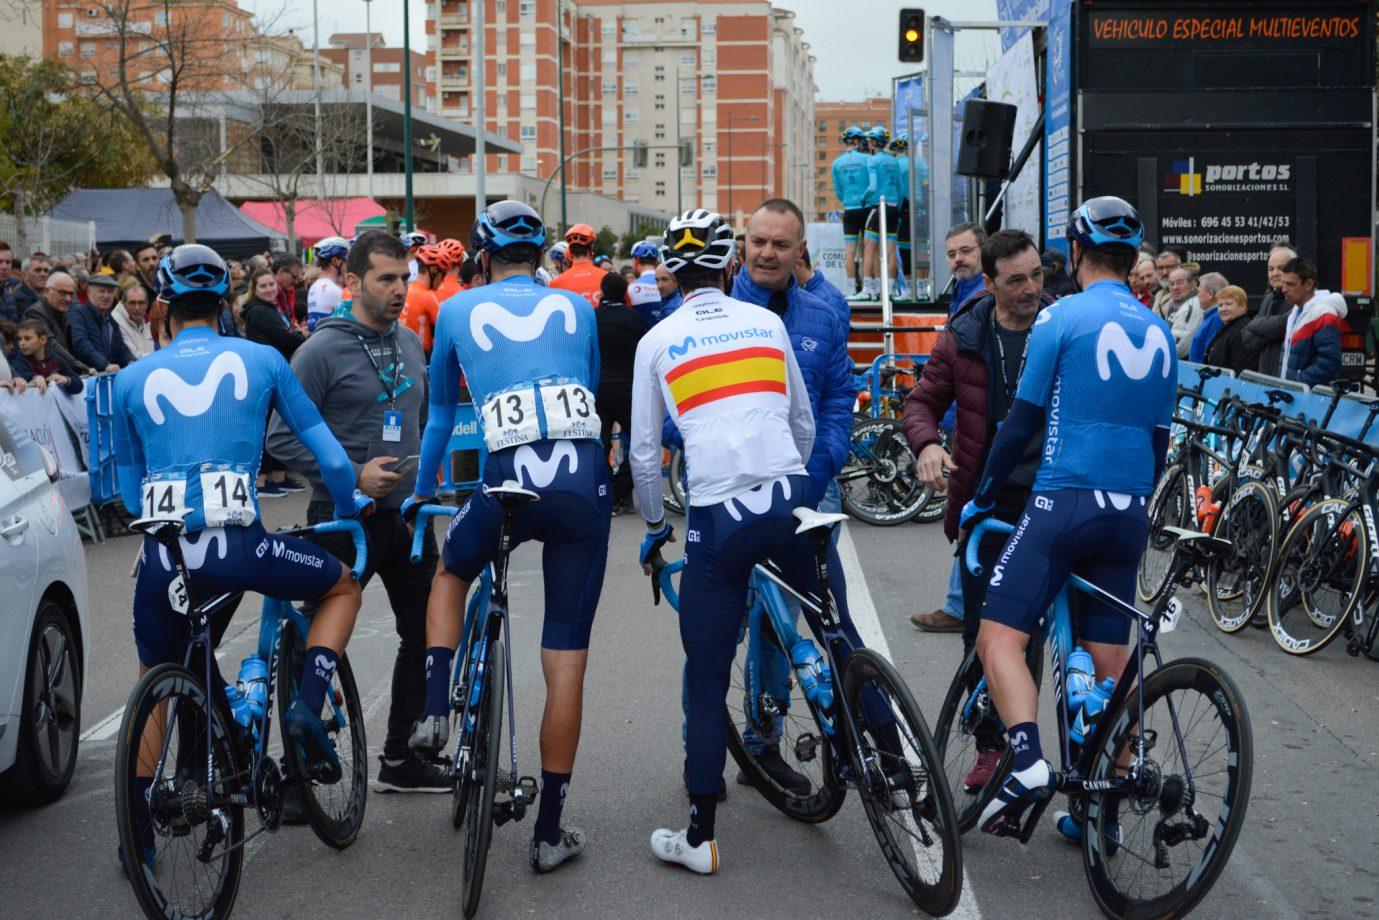 Imagen de la noticia Soler, Valverde away from trouble in Castellón opener